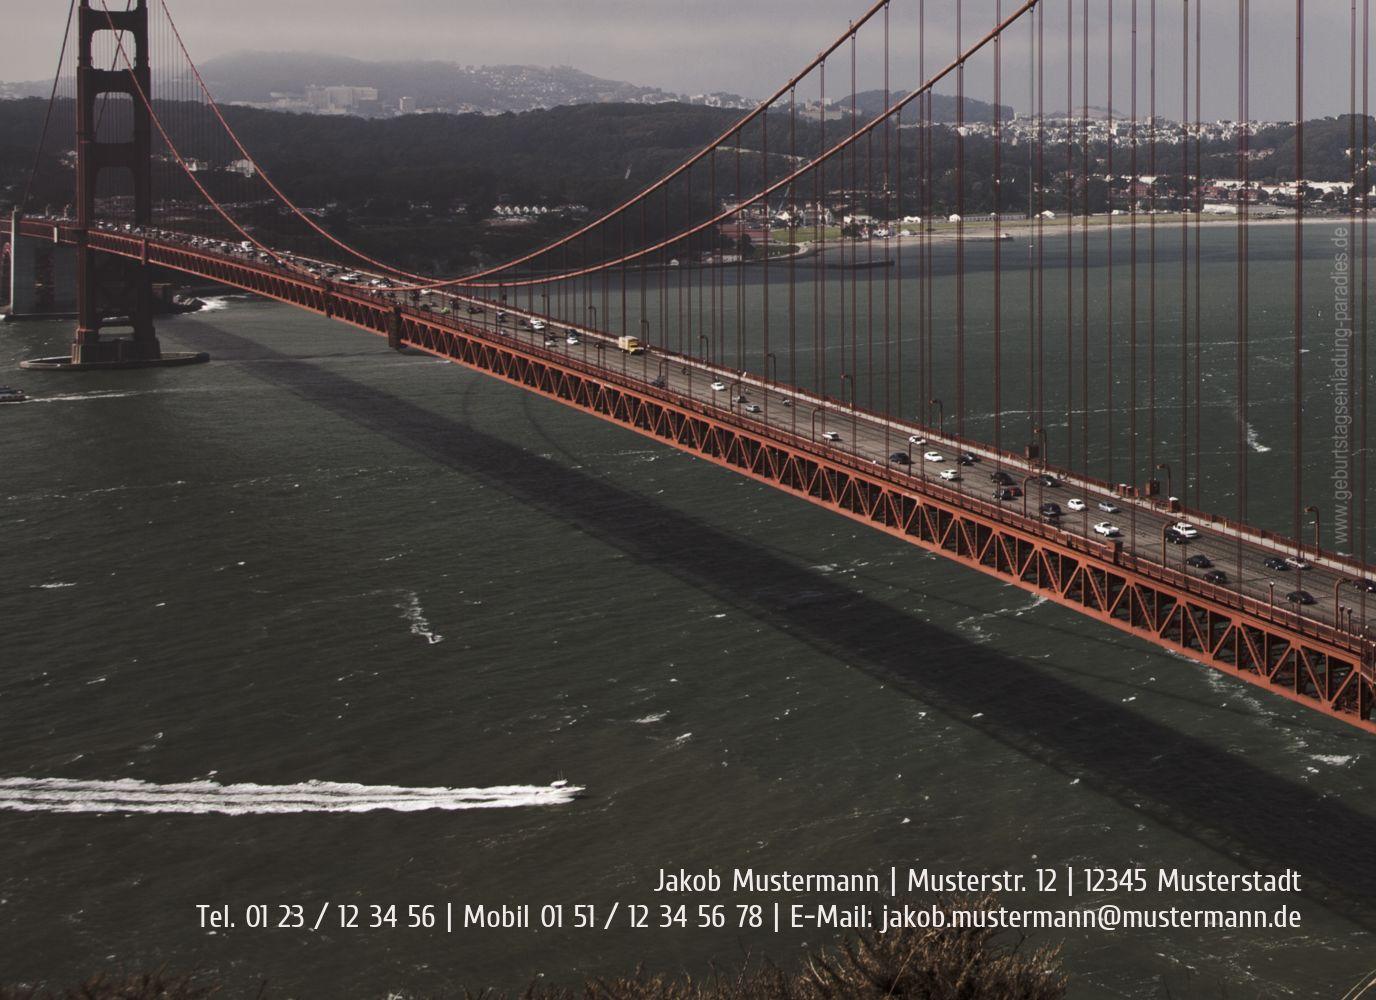 Ansicht 2 - Geburtstagskarte old bridge 50